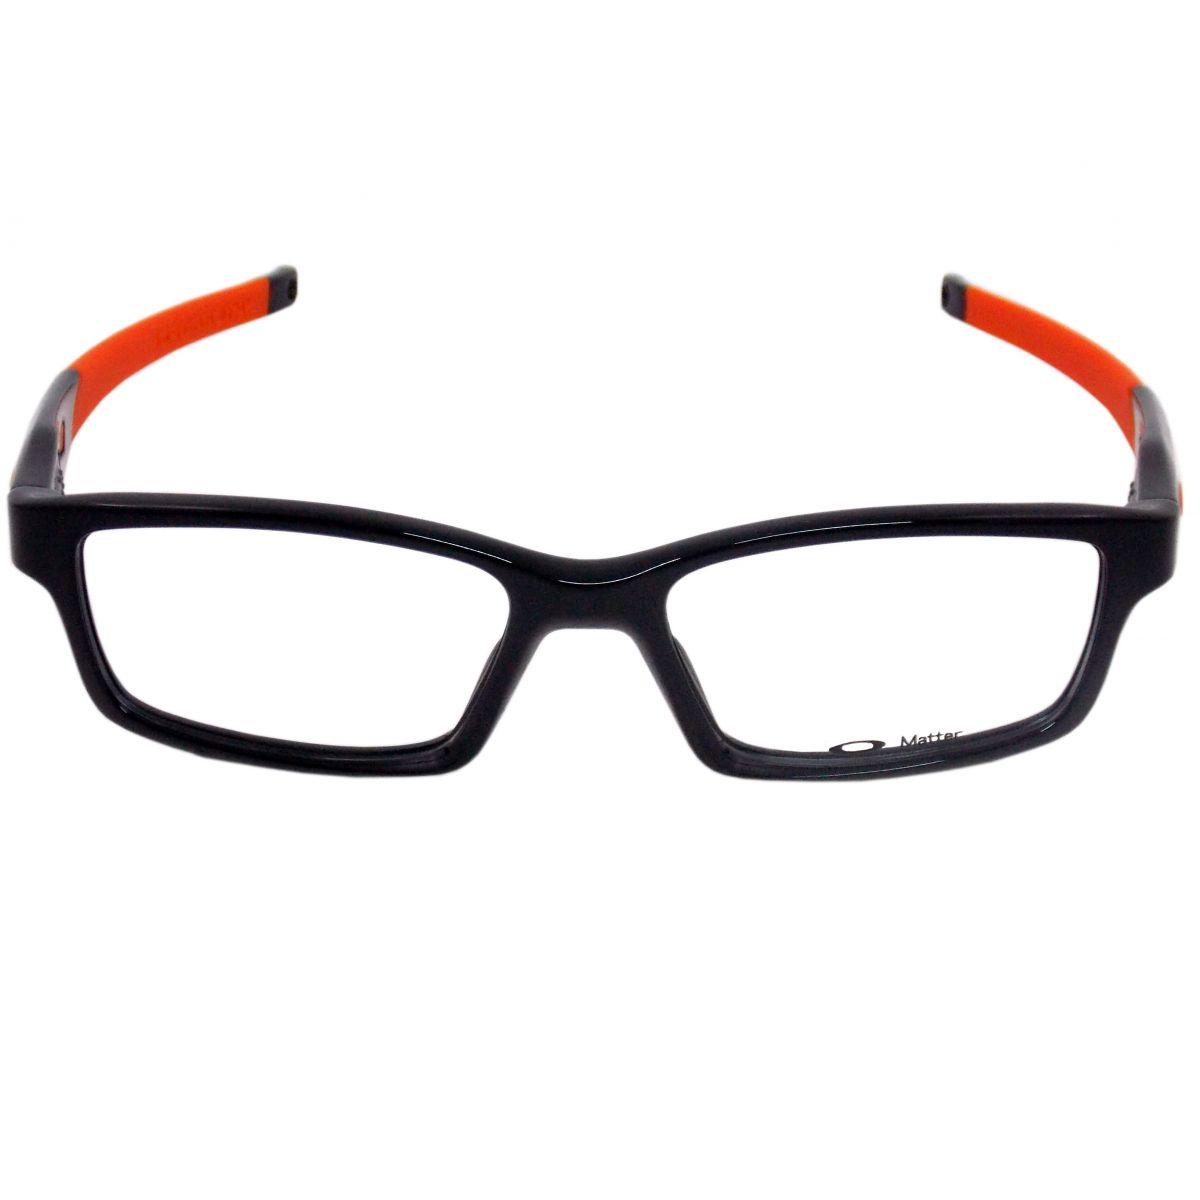 1e32d4bb9292b Oculos Da Oakley Com Fone Preços « One More Soul